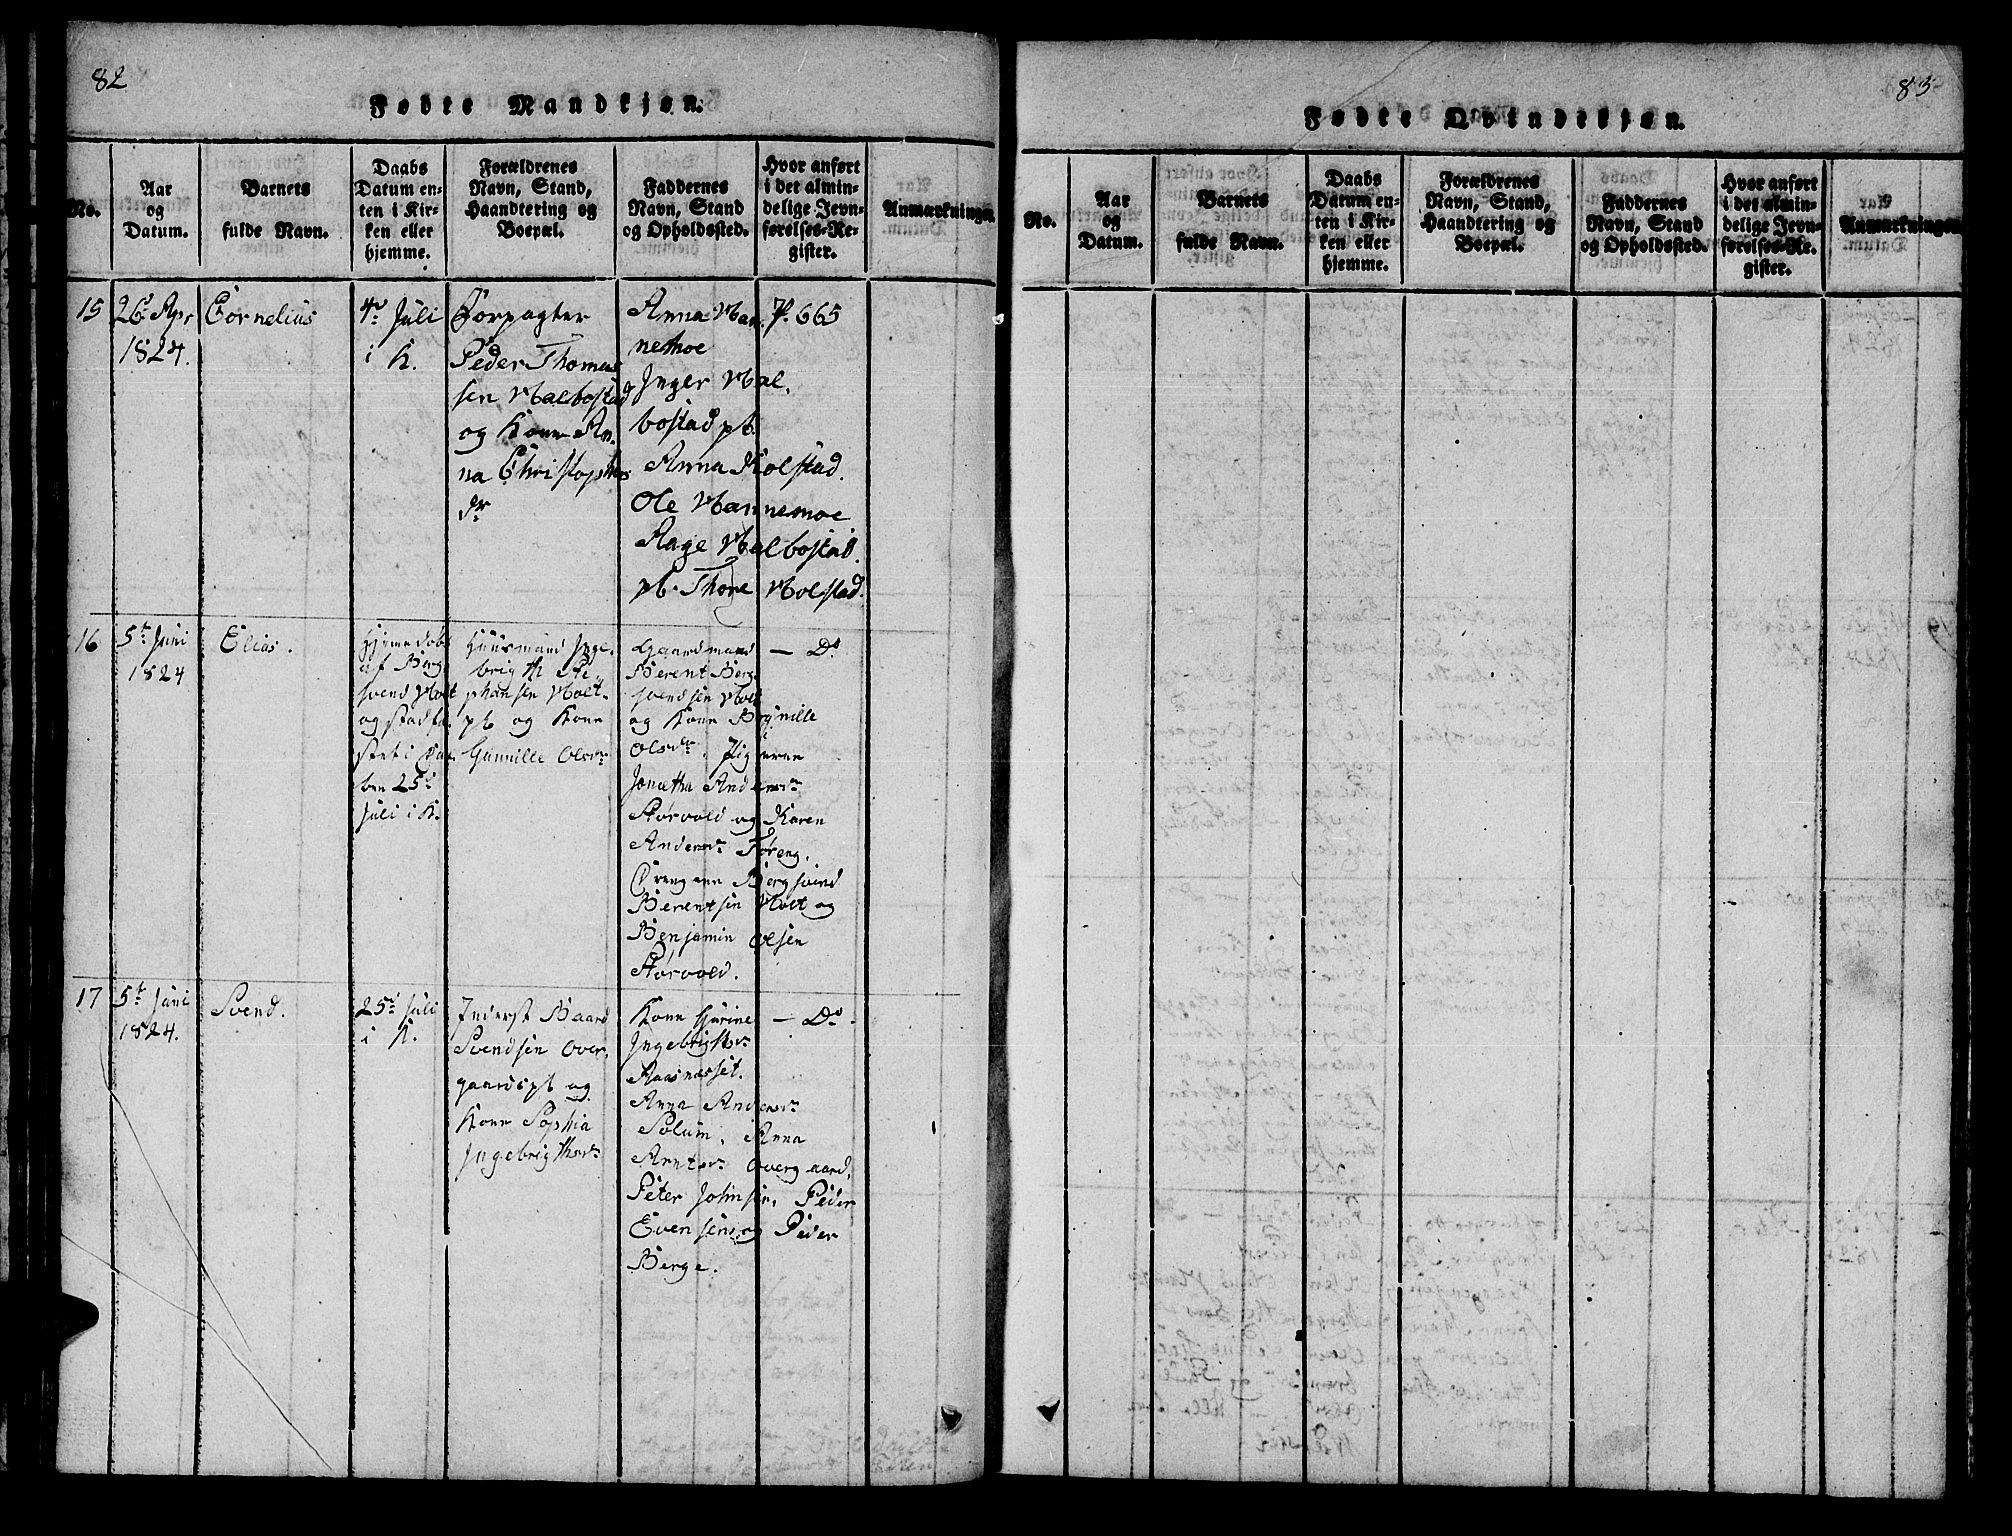 SAT, Ministerialprotokoller, klokkerbøker og fødselsregistre - Nord-Trøndelag, 742/L0411: Klokkerbok nr. 742C02, 1817-1825, s. 82-83